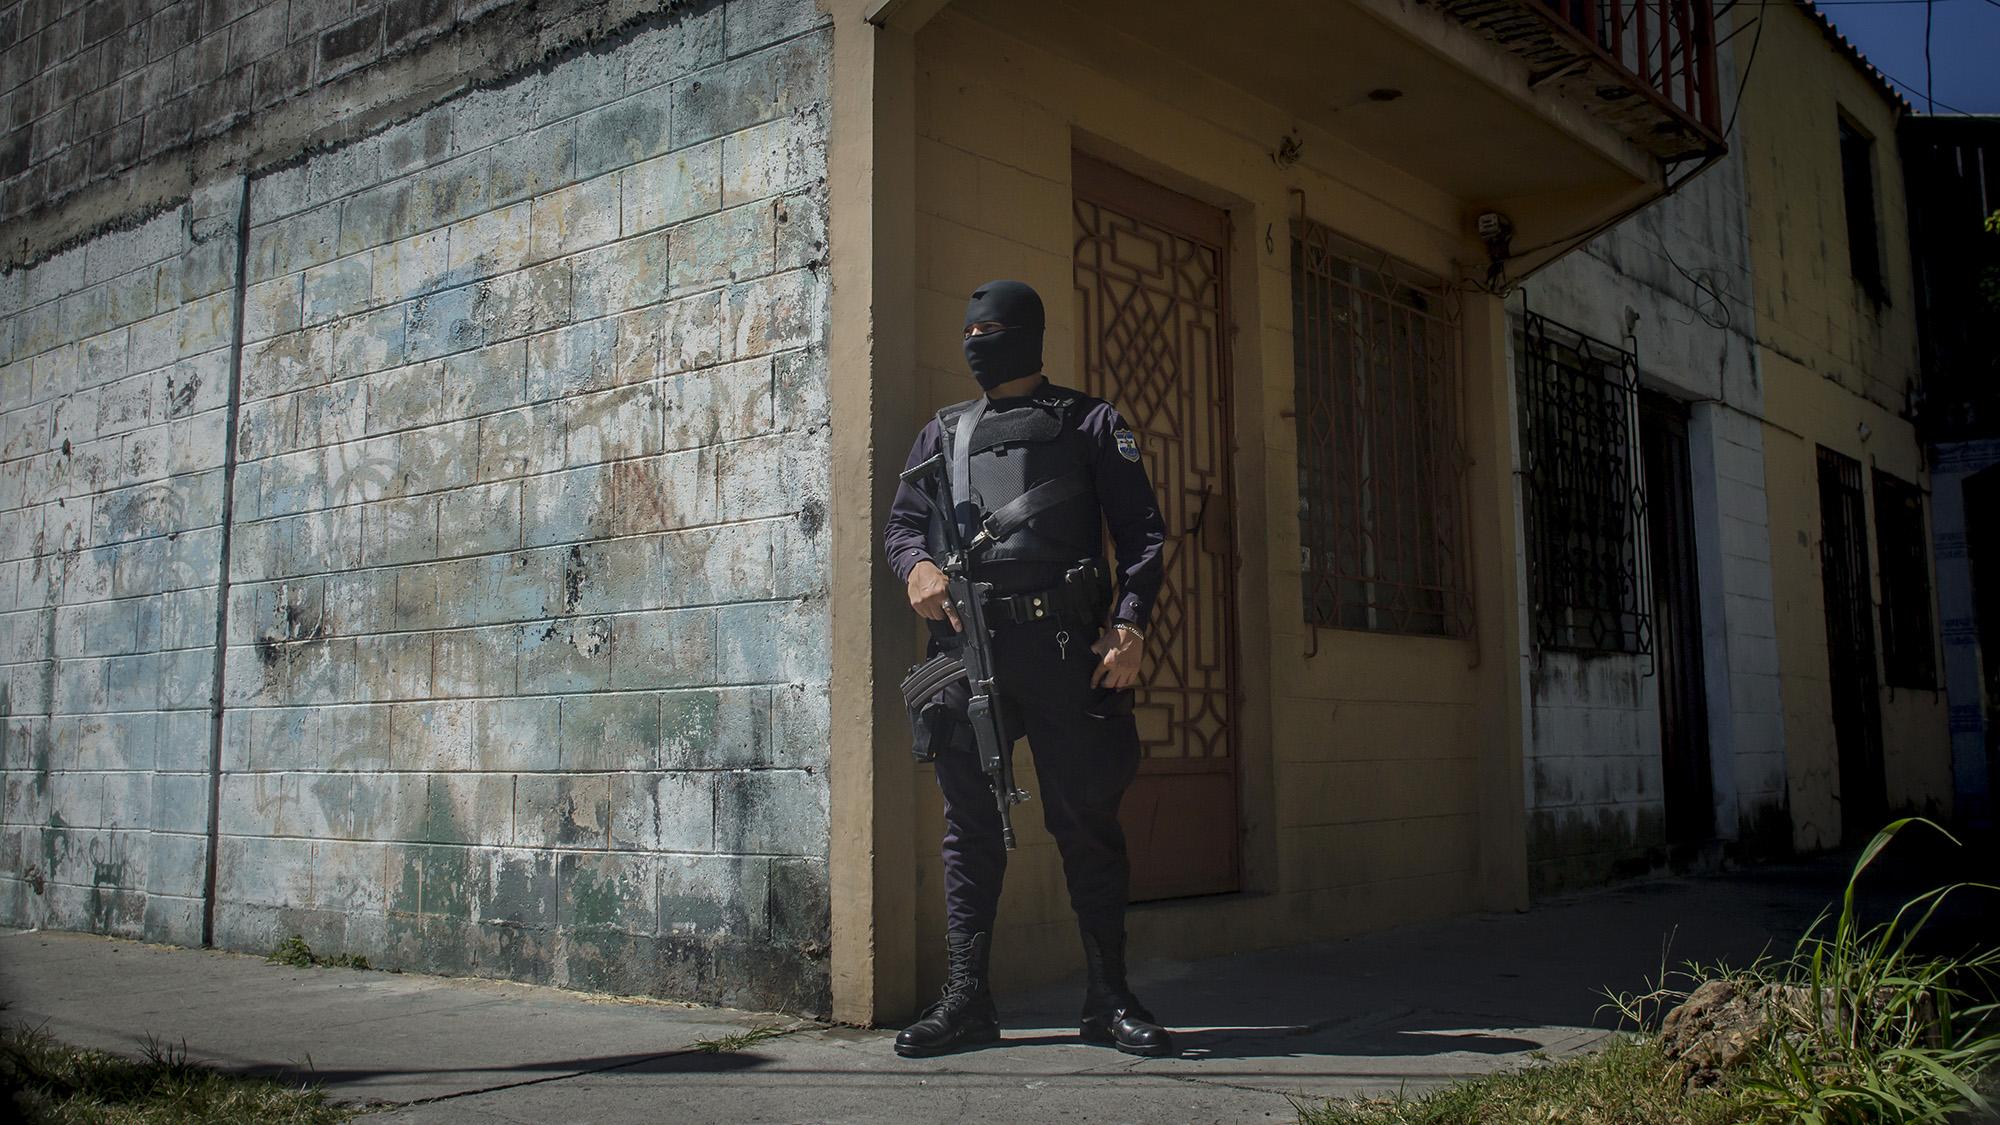 Ejecuciones extrajudiciales en El Salvador se discuten en Washington